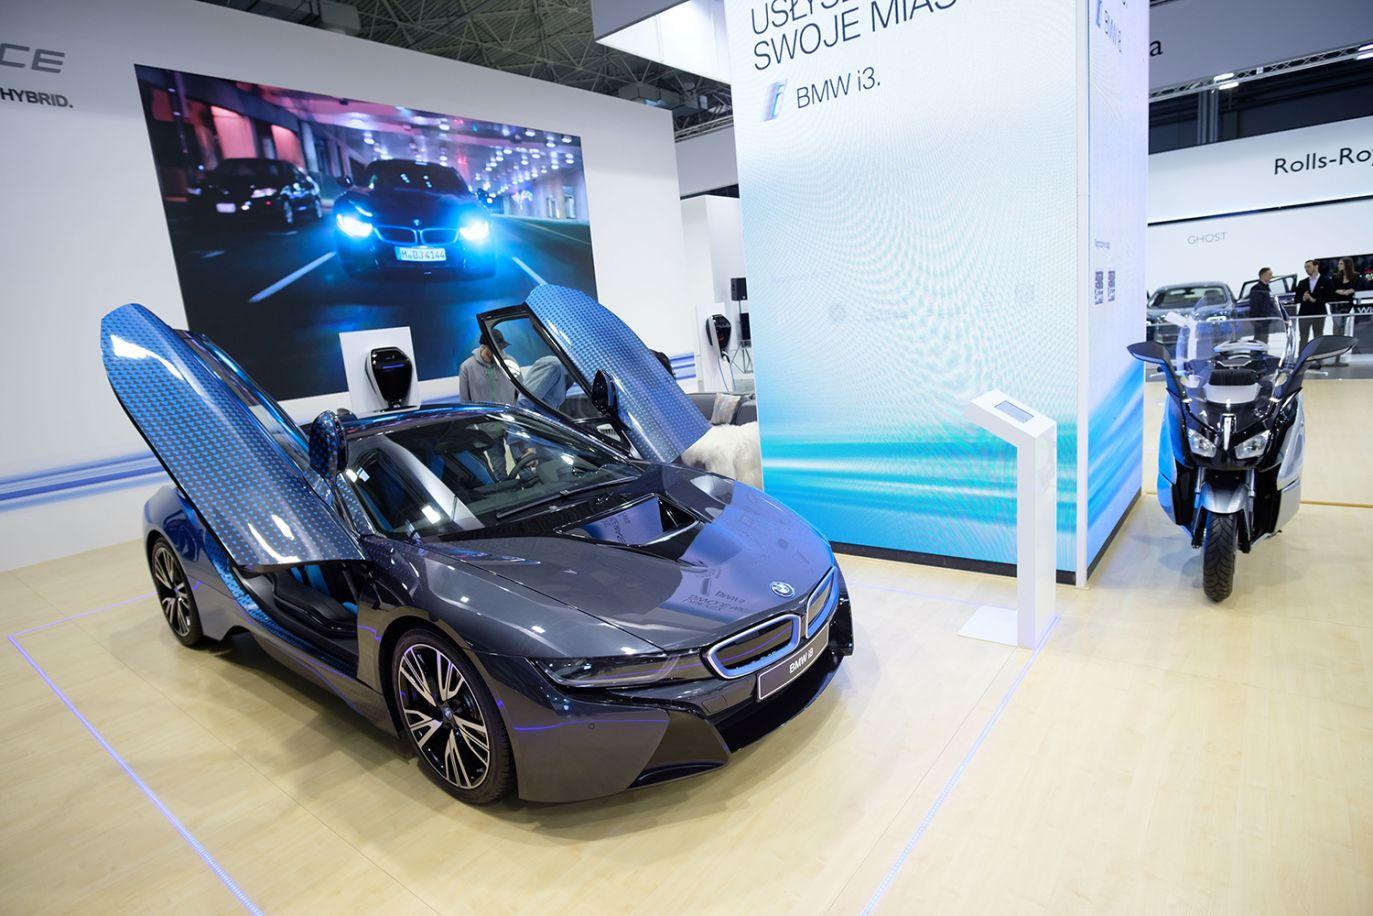 BMW i8 (fot. arch.PAP/Jakub Kaczmarczyk)